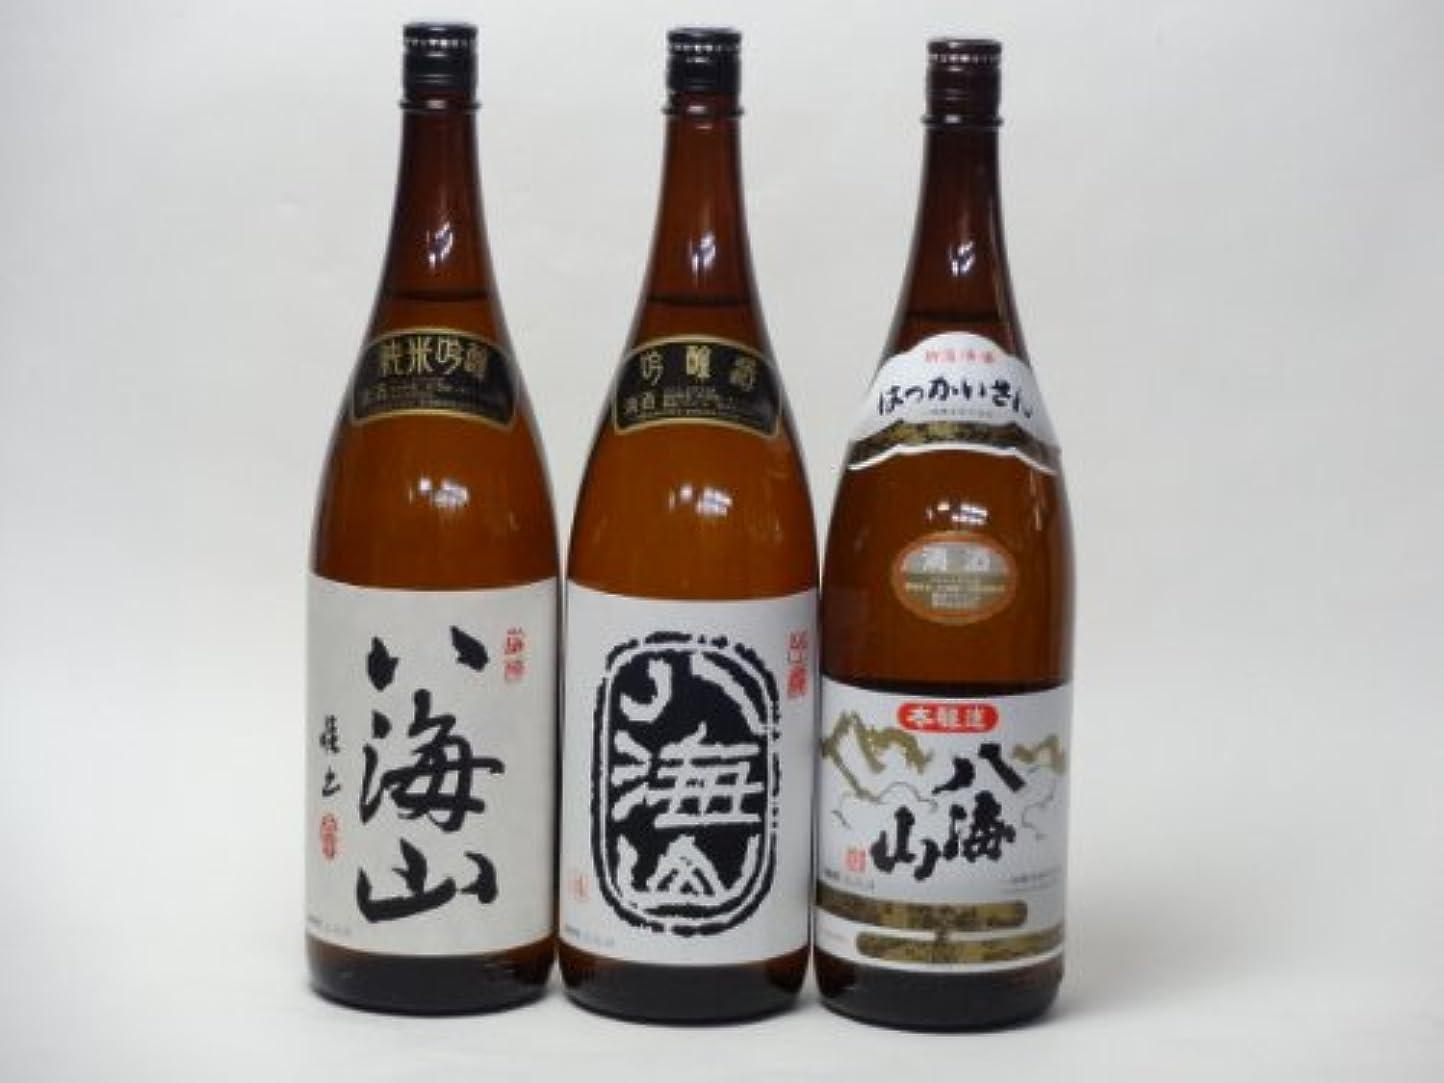 原油コンベンション喪2セット 八海山スペシャル3本セット(純米吟醸酒 吟醸酒 本醸造)1800ml×3本